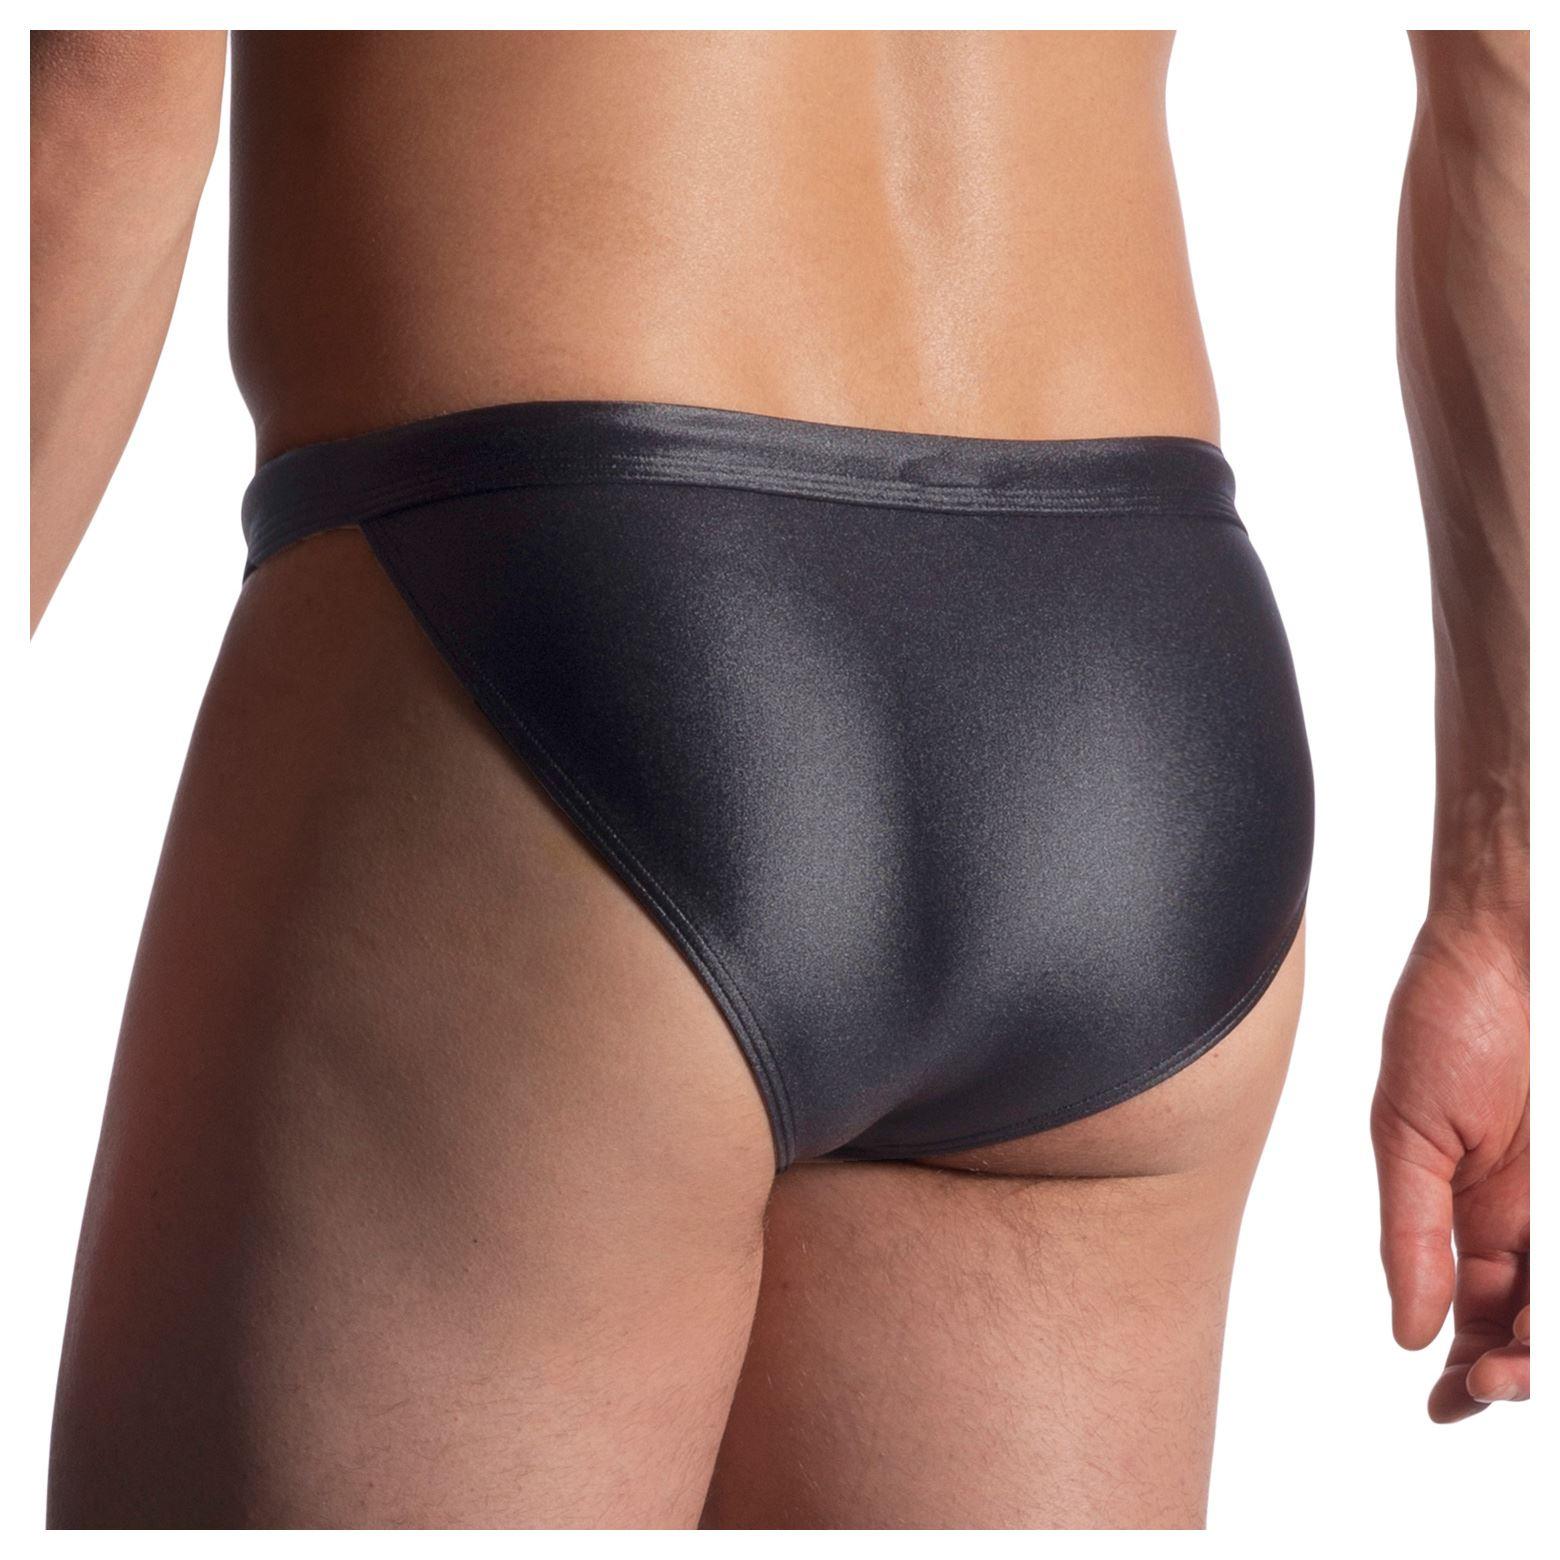 Manstore M911 Swim Micro Tanga mens swimwear brief male beach satin drawstring